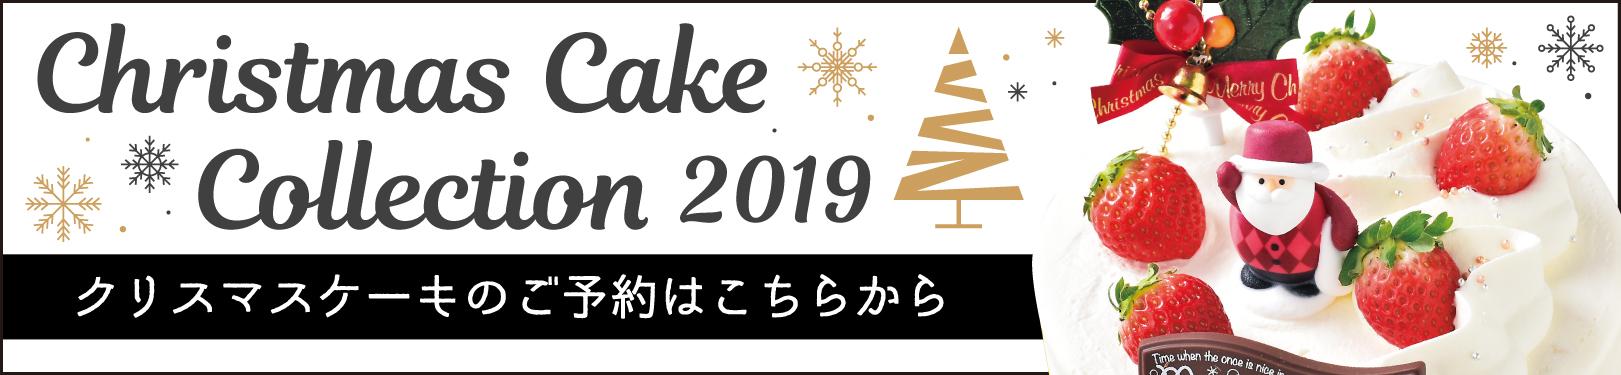 2019年度クリスマスケーキラインナップ